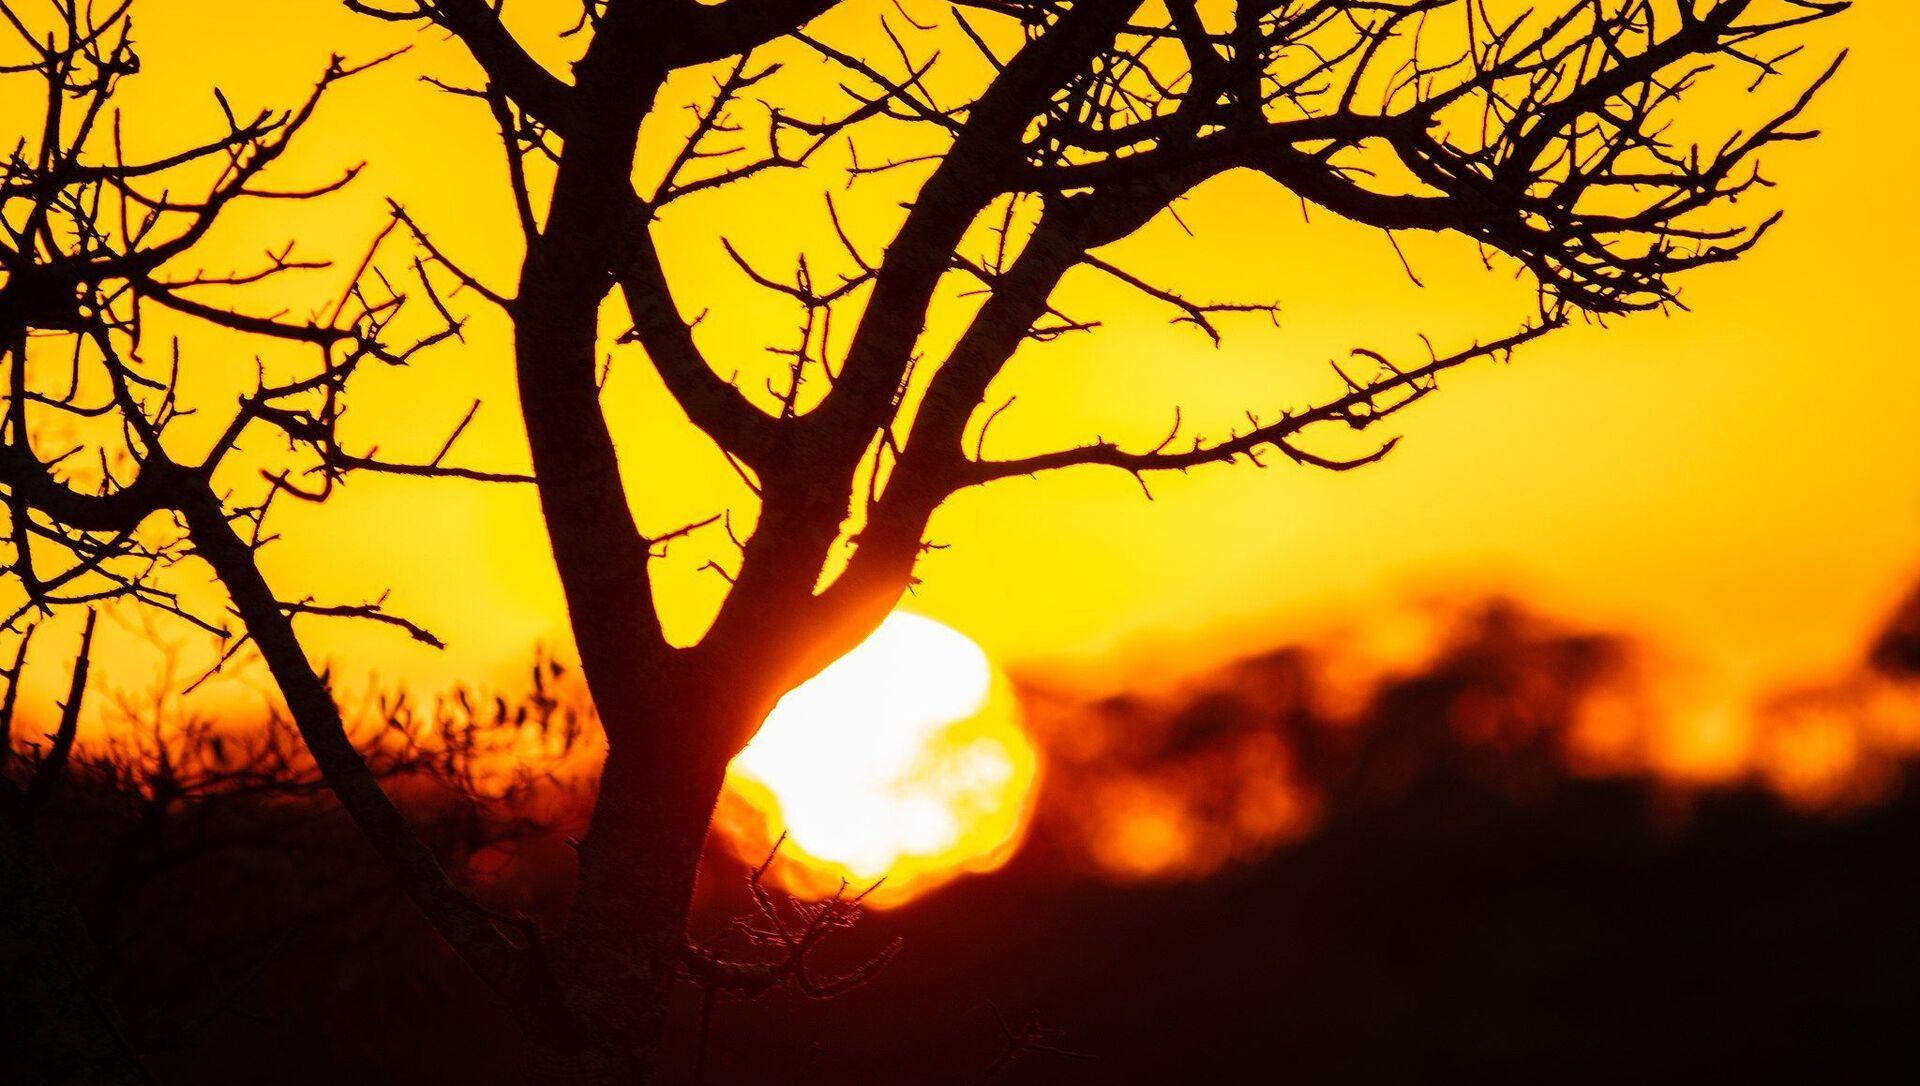 Coucher de soleil dans le parc national Kruger, Afrique du Sud - Sputnik France, 1920, 10.09.2021